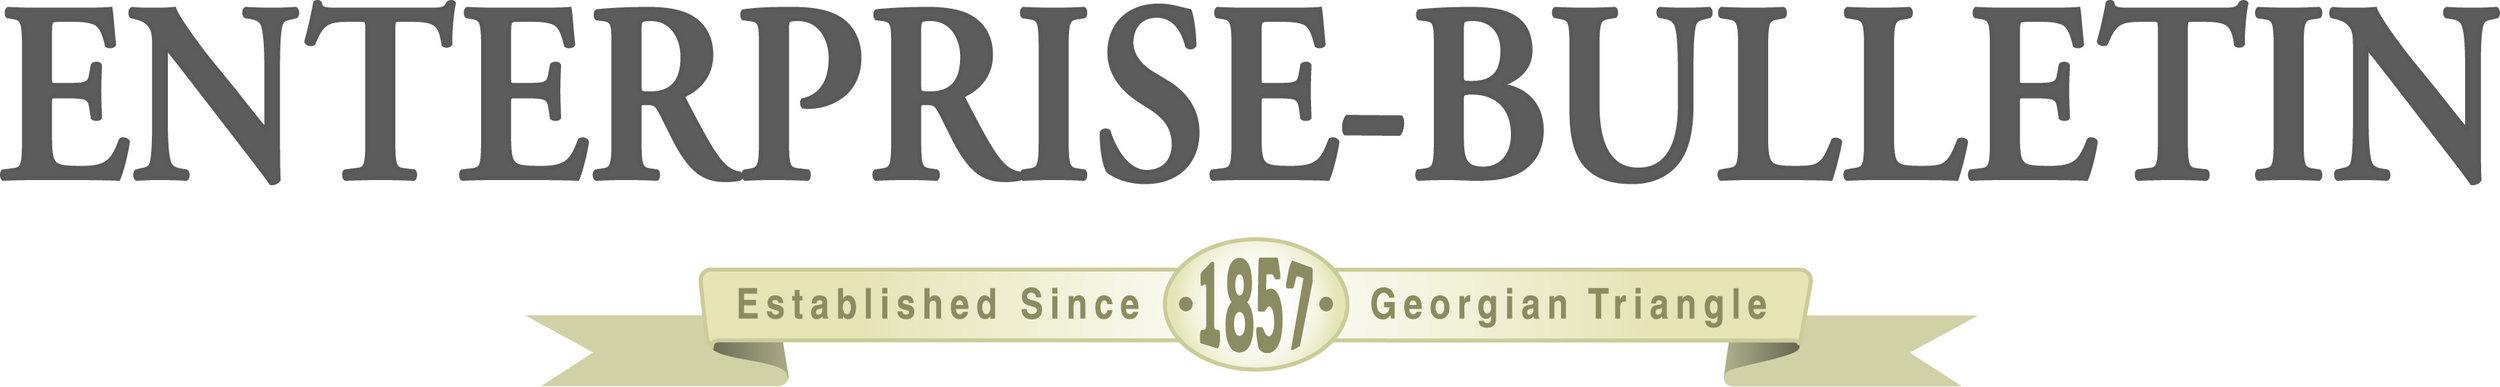 Enterprise-Bullentin-Logo.jpg